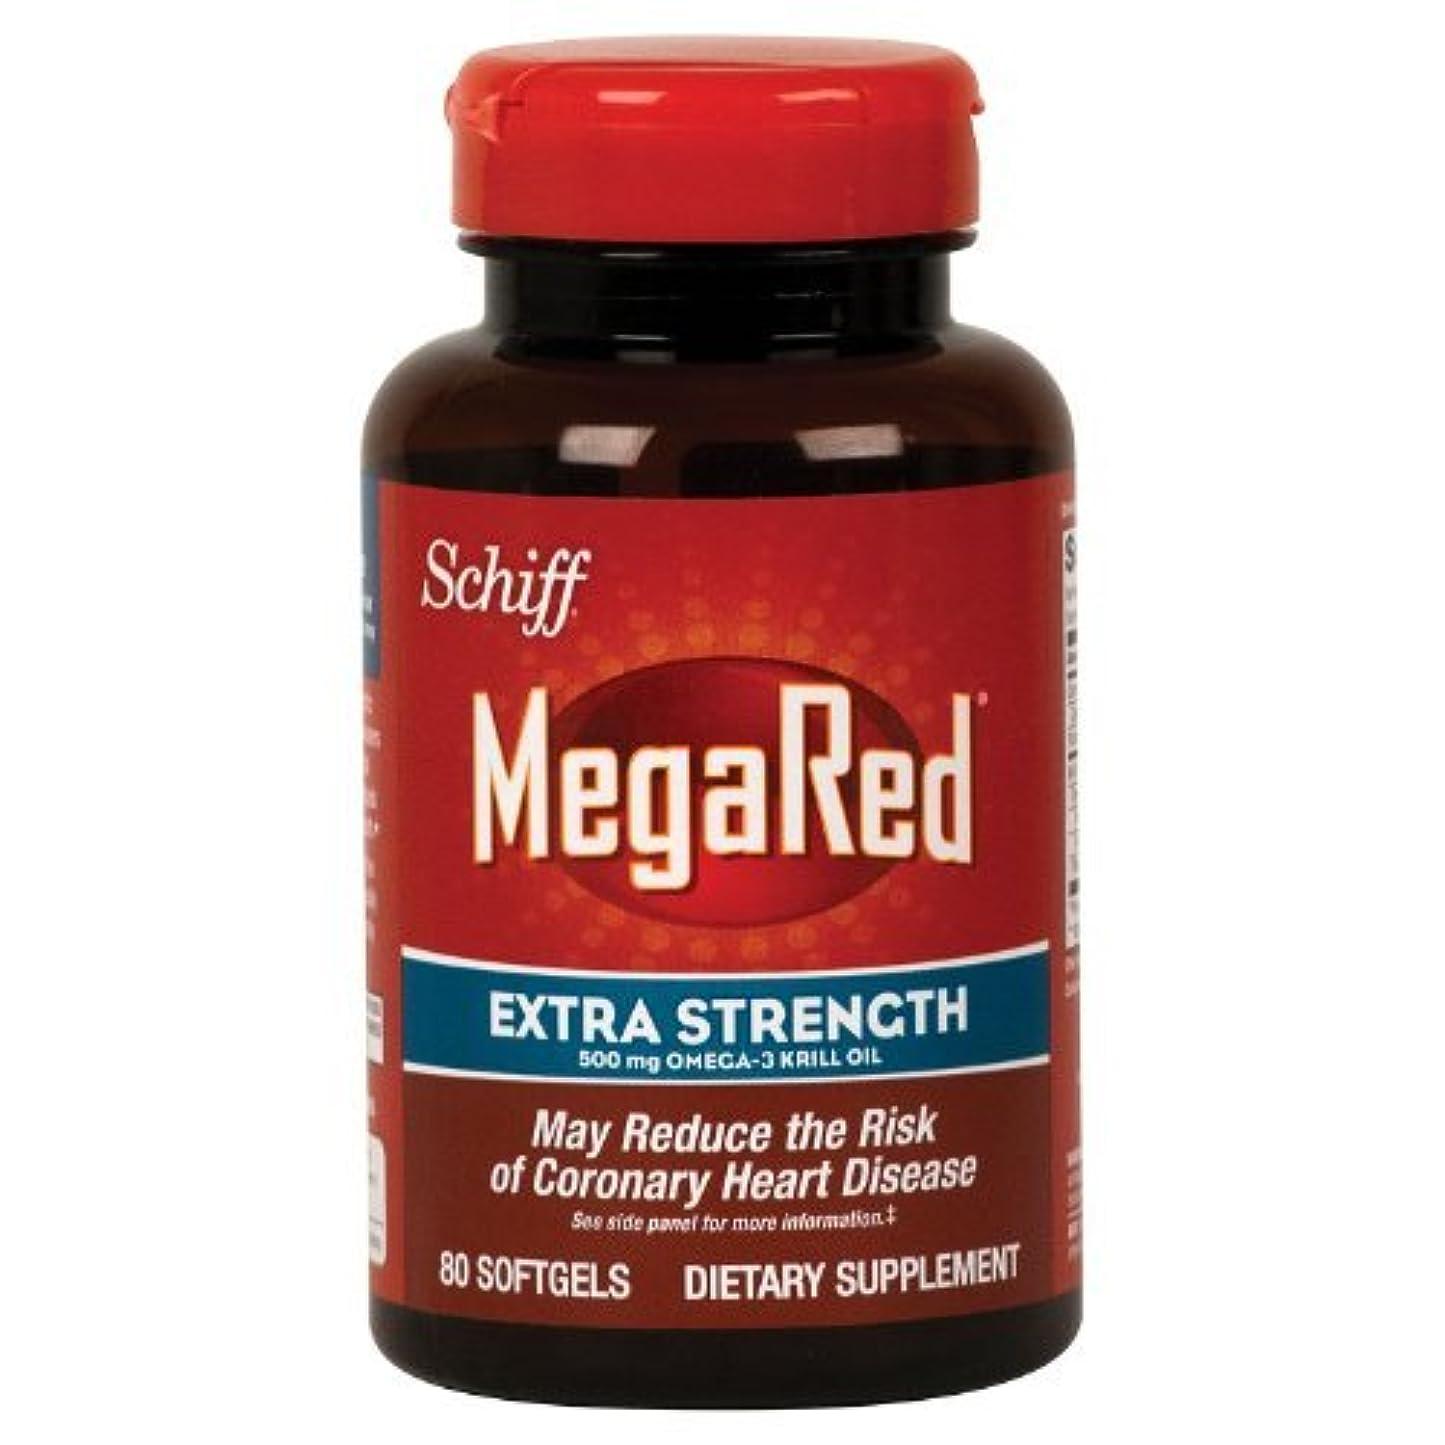 証拠回る乱れSchiff Megared Extra Strength 500mg Omega-3 Krill Oil - 80 Softgels by Simply Right [並行輸入品]